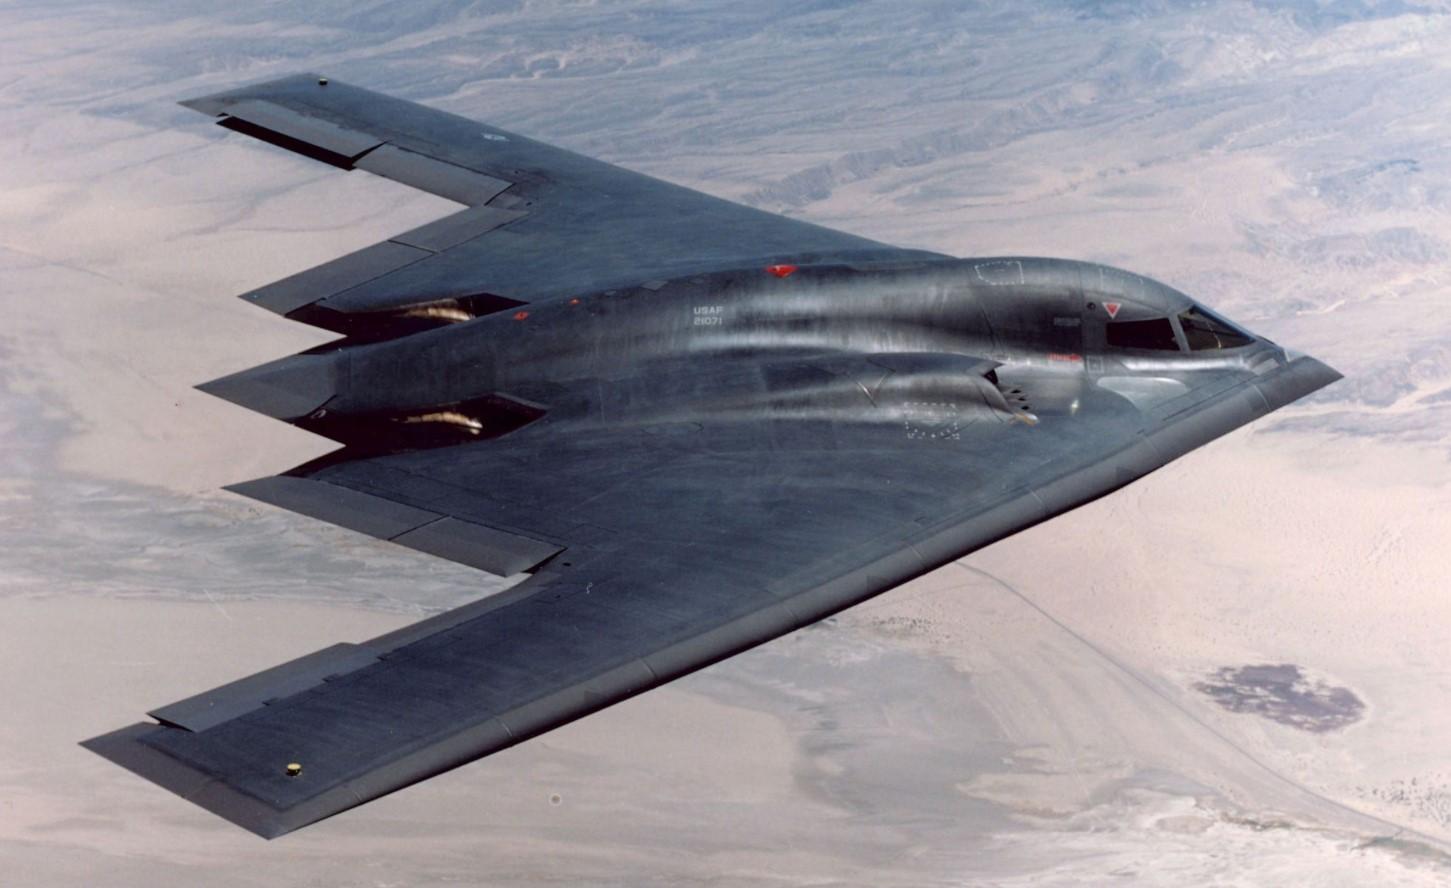 В США вспомнили о «крутом» самолете, бомбившем Югославию вместо СССР